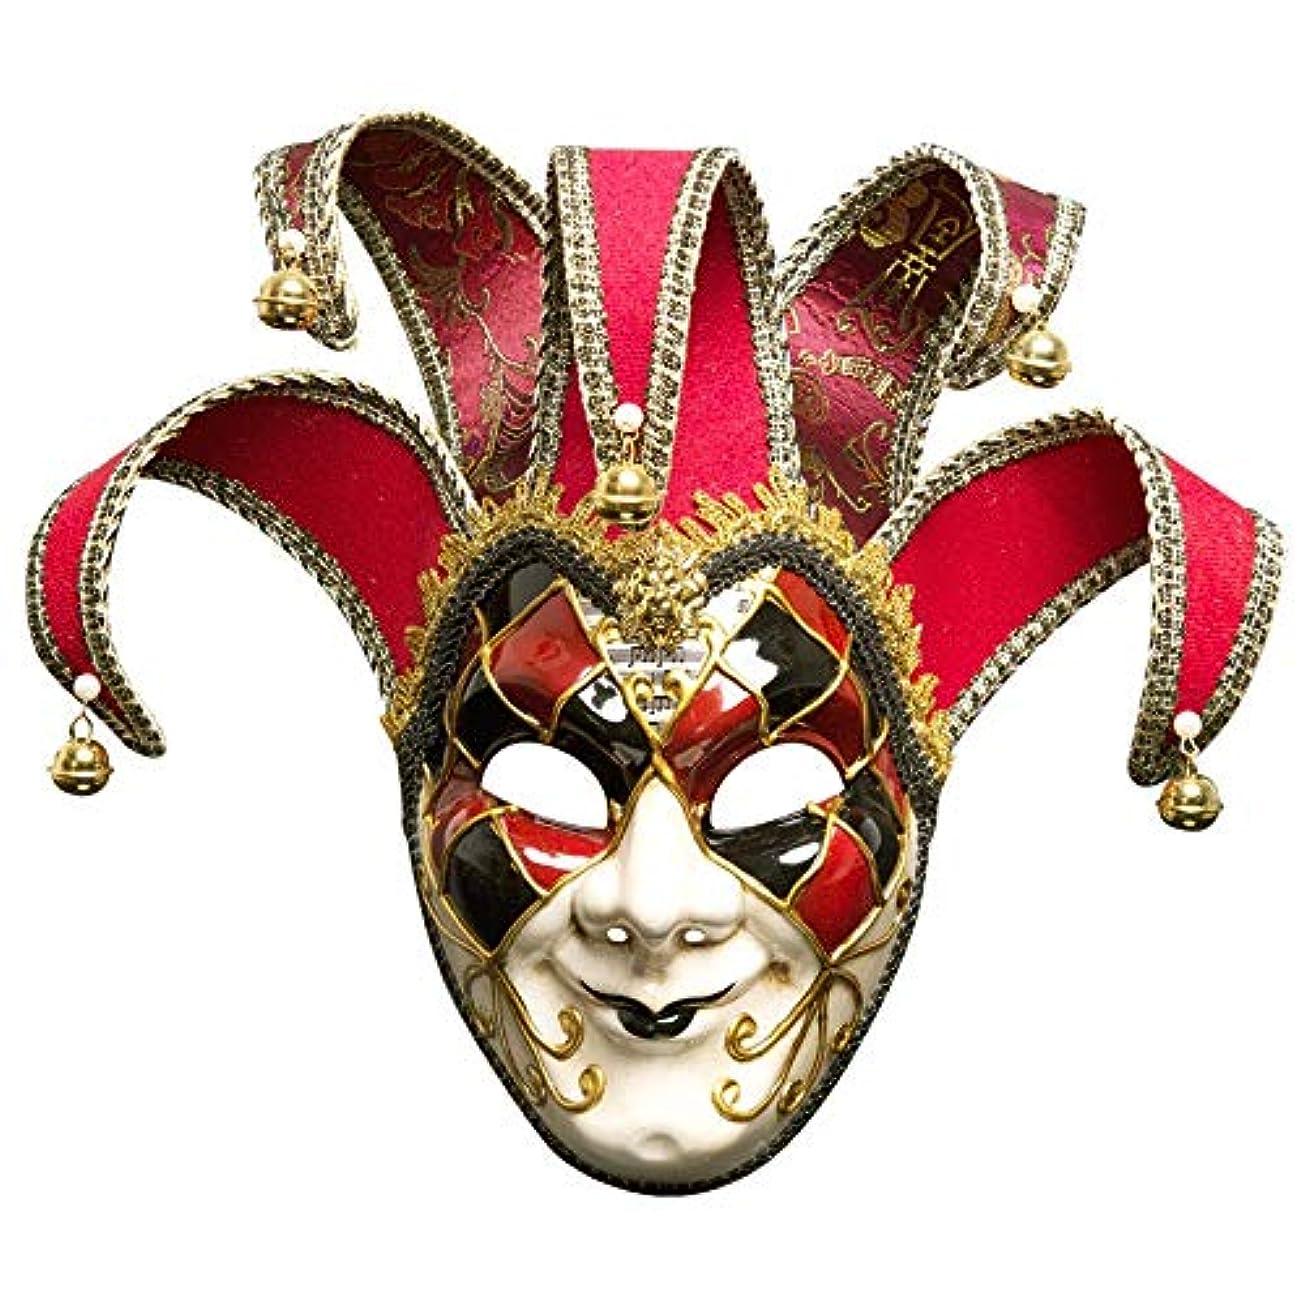 ところで横に財団ダンスマスク 雰囲気クリスマスフェスティバルロールプレイングプラスチックマスカレードマスクハロウィーンマスカレードマスク ホリデーパーティー用品 (色 : 赤, サイズ : 17x44cm)